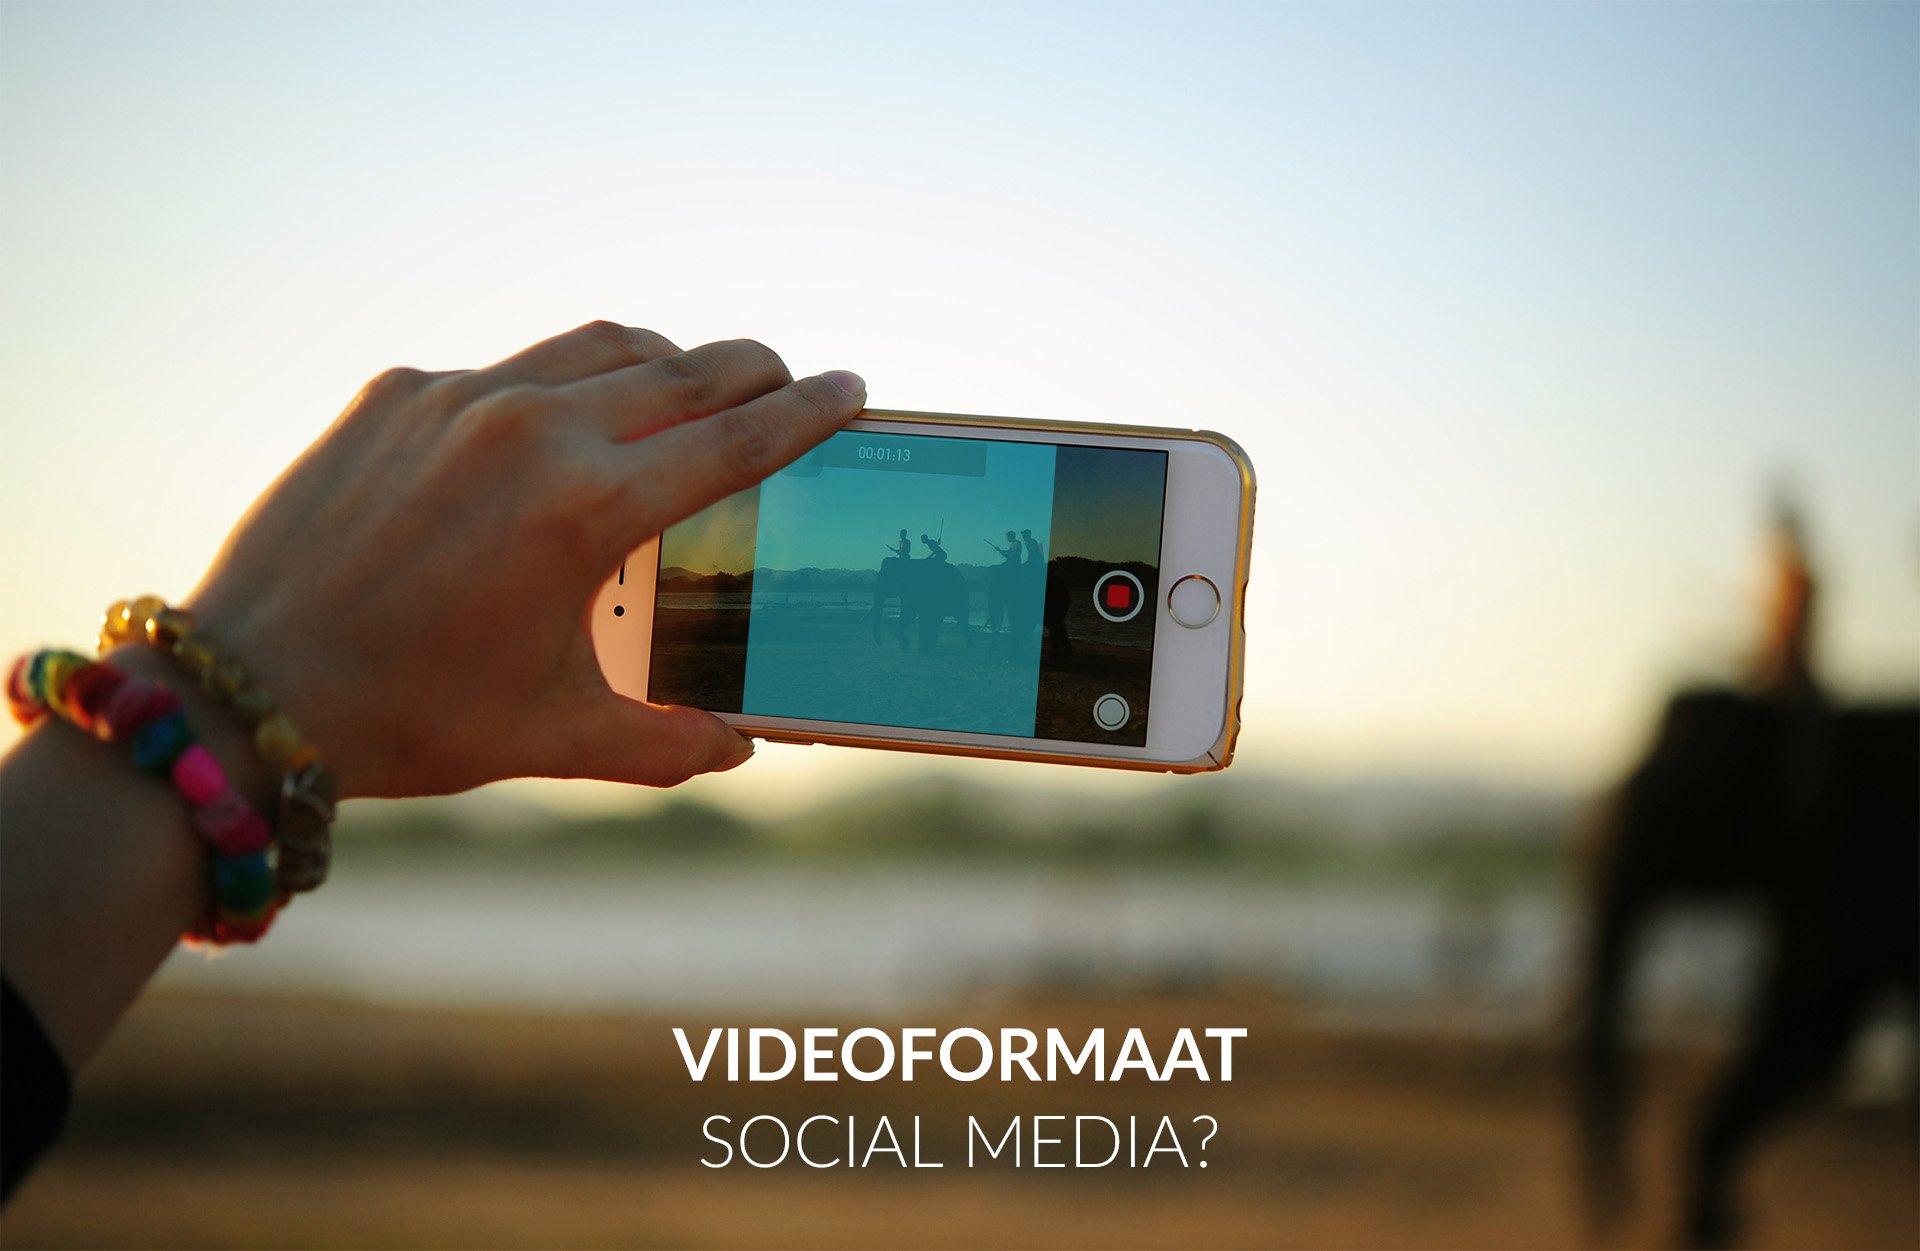 videoformaat voor social media